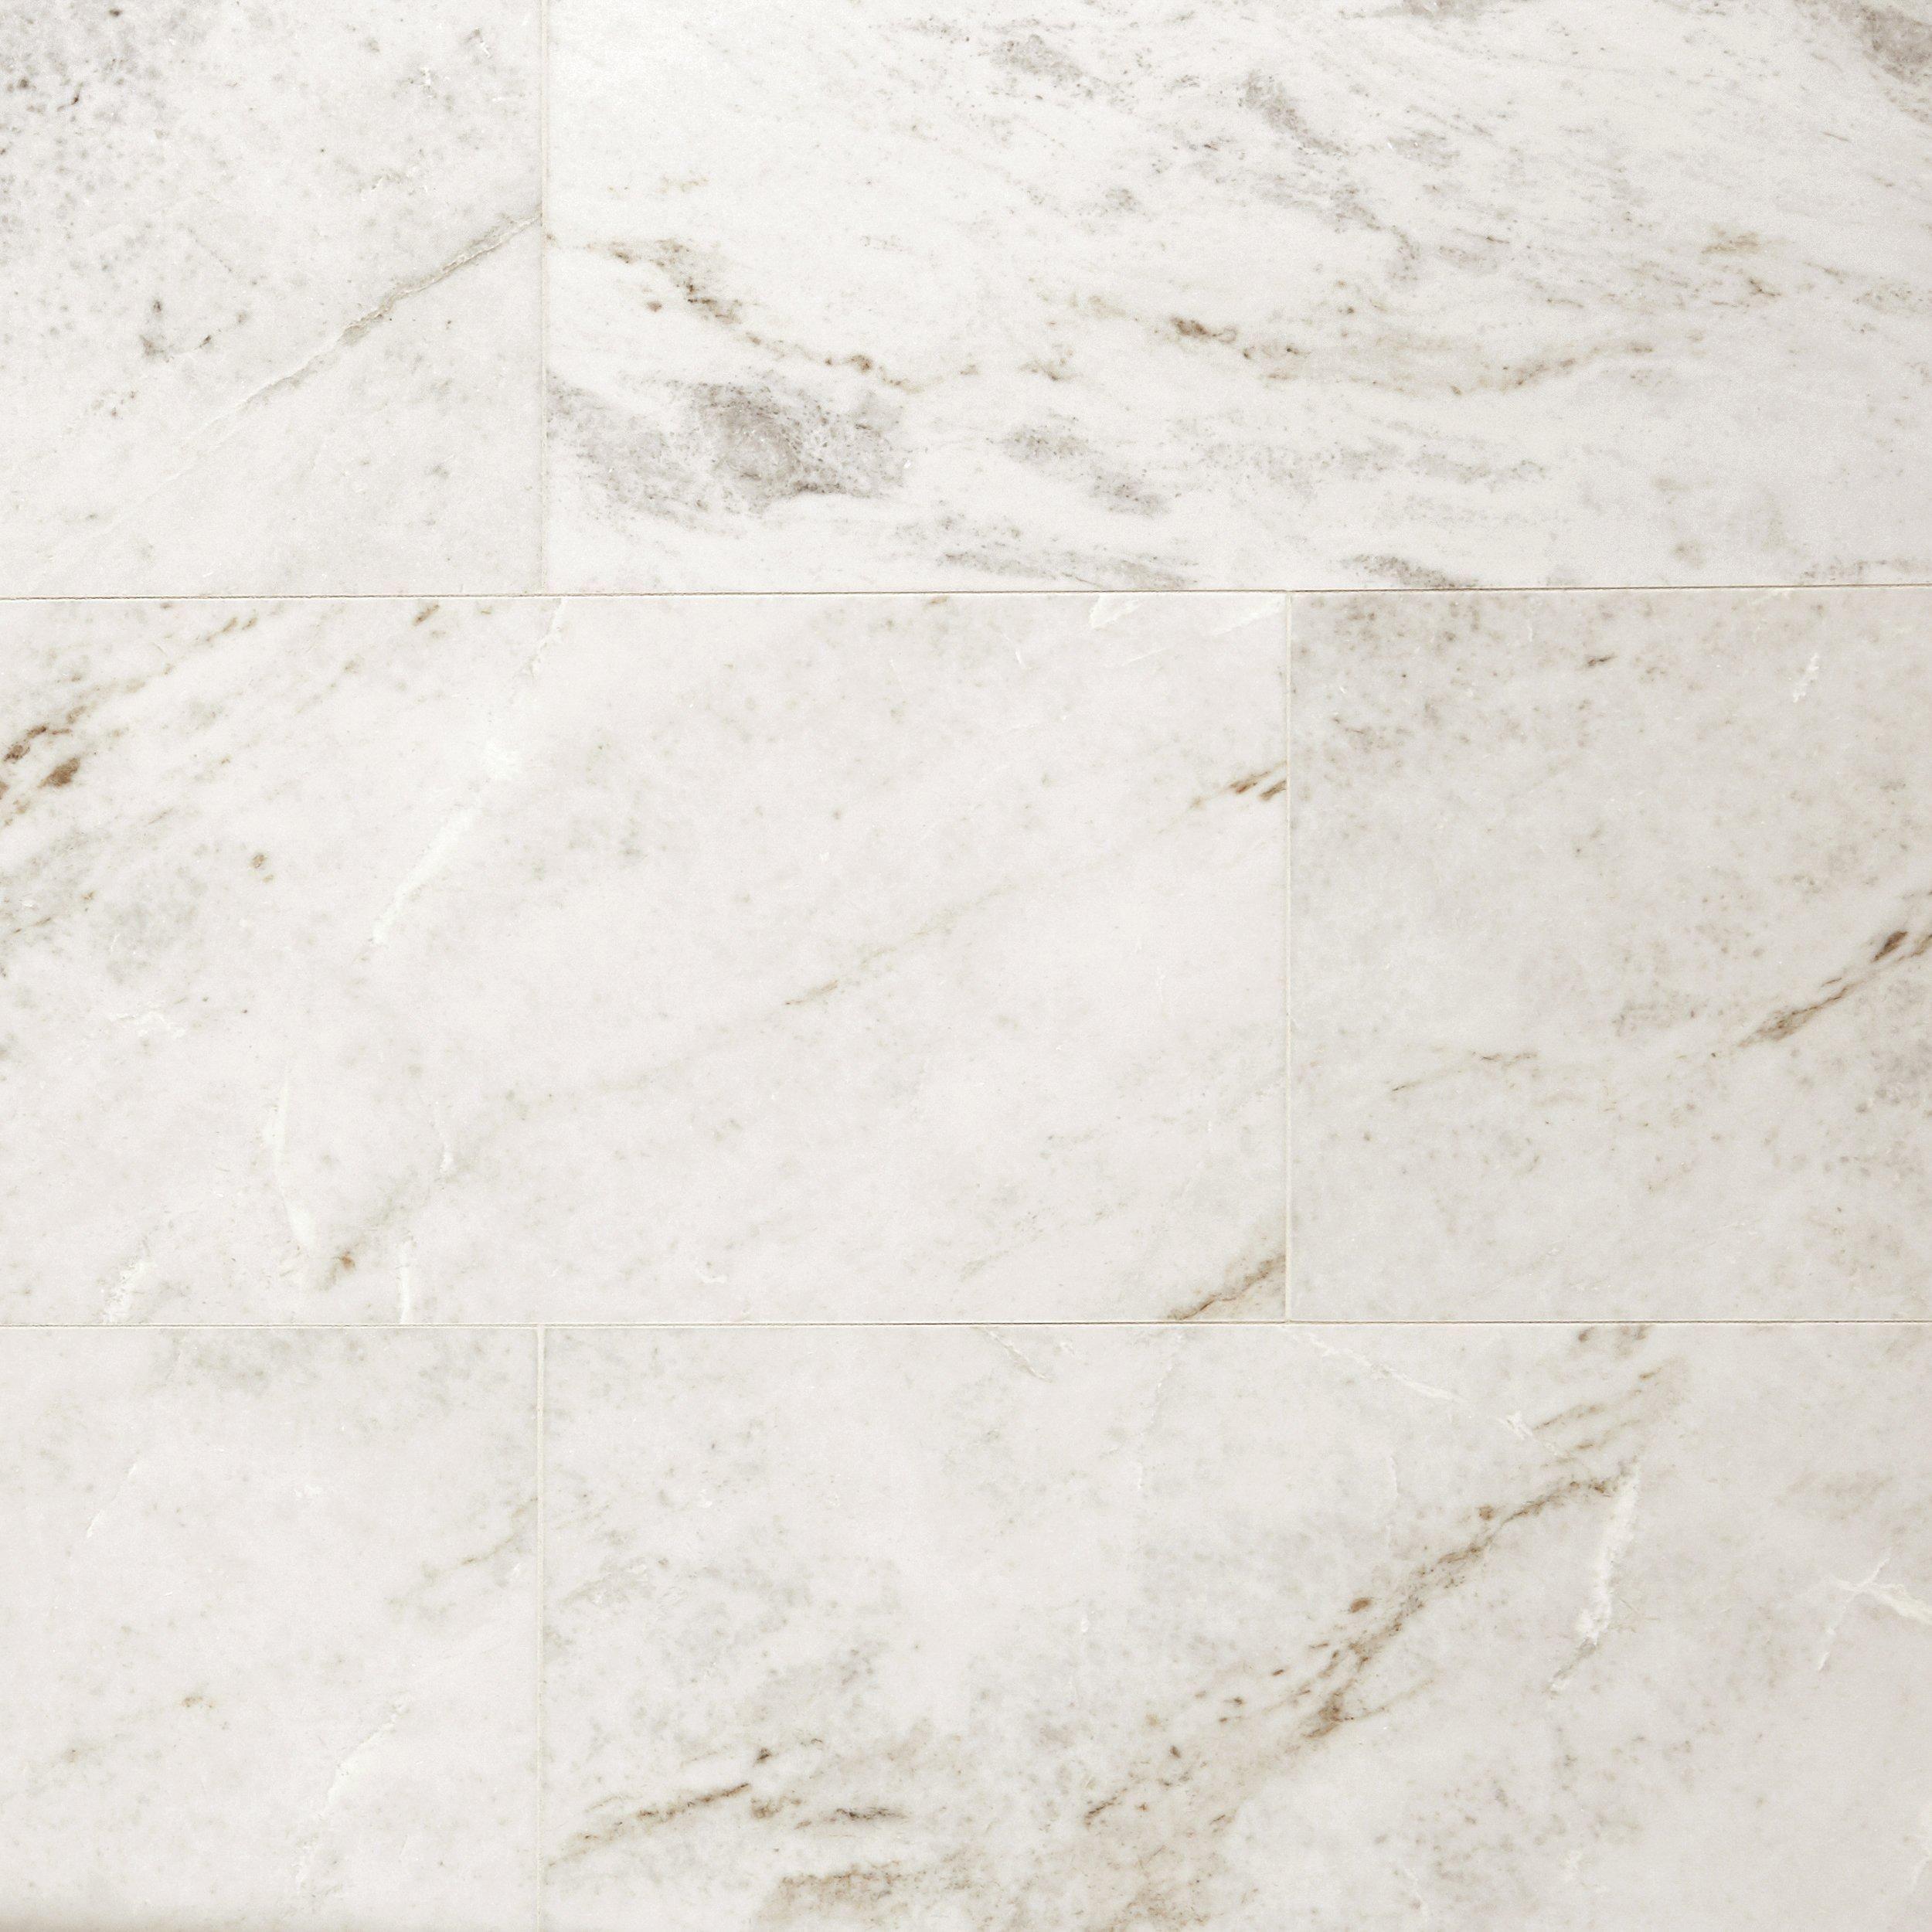 Bianco Orion Polished Marble Tile Floor Decor Polished Marble Tiles Marble Tile Stone Look Tile